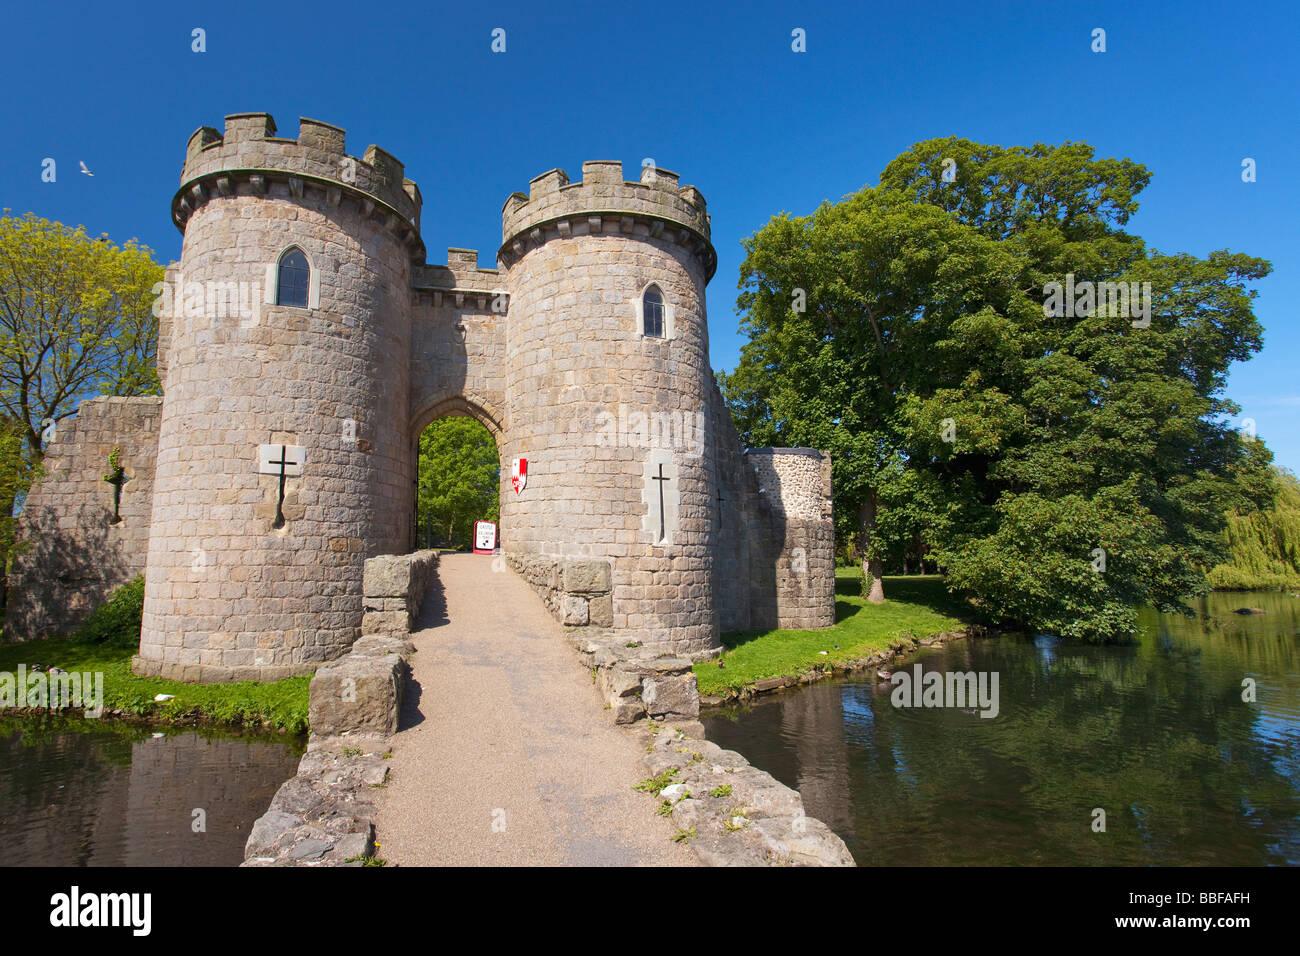 Moat At Whittington Castle Near Oswestry Shropshire